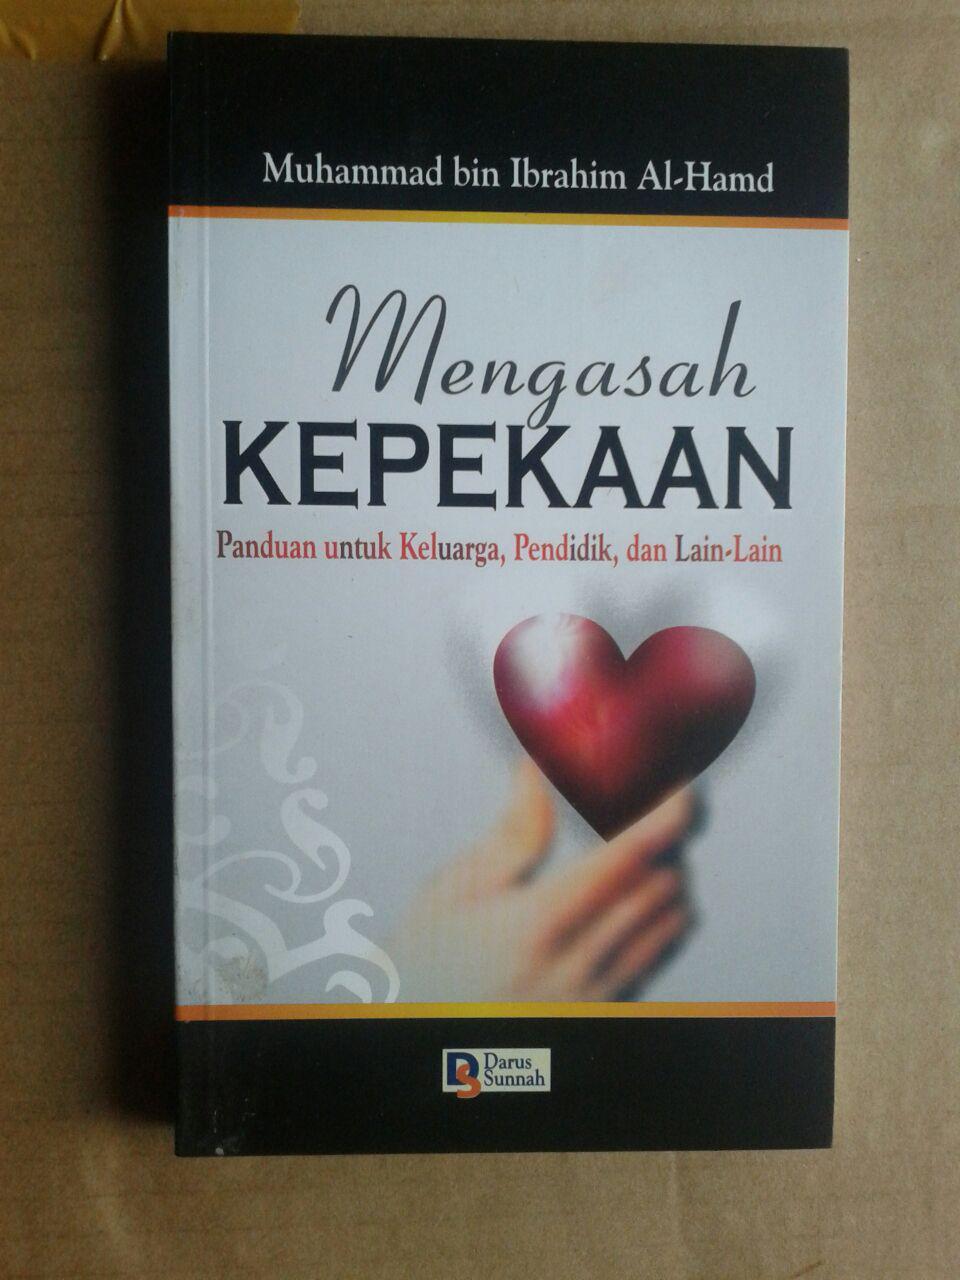 Buku Mengasah Kepekaan Panduan Untuk Keluarga Pendidik cover